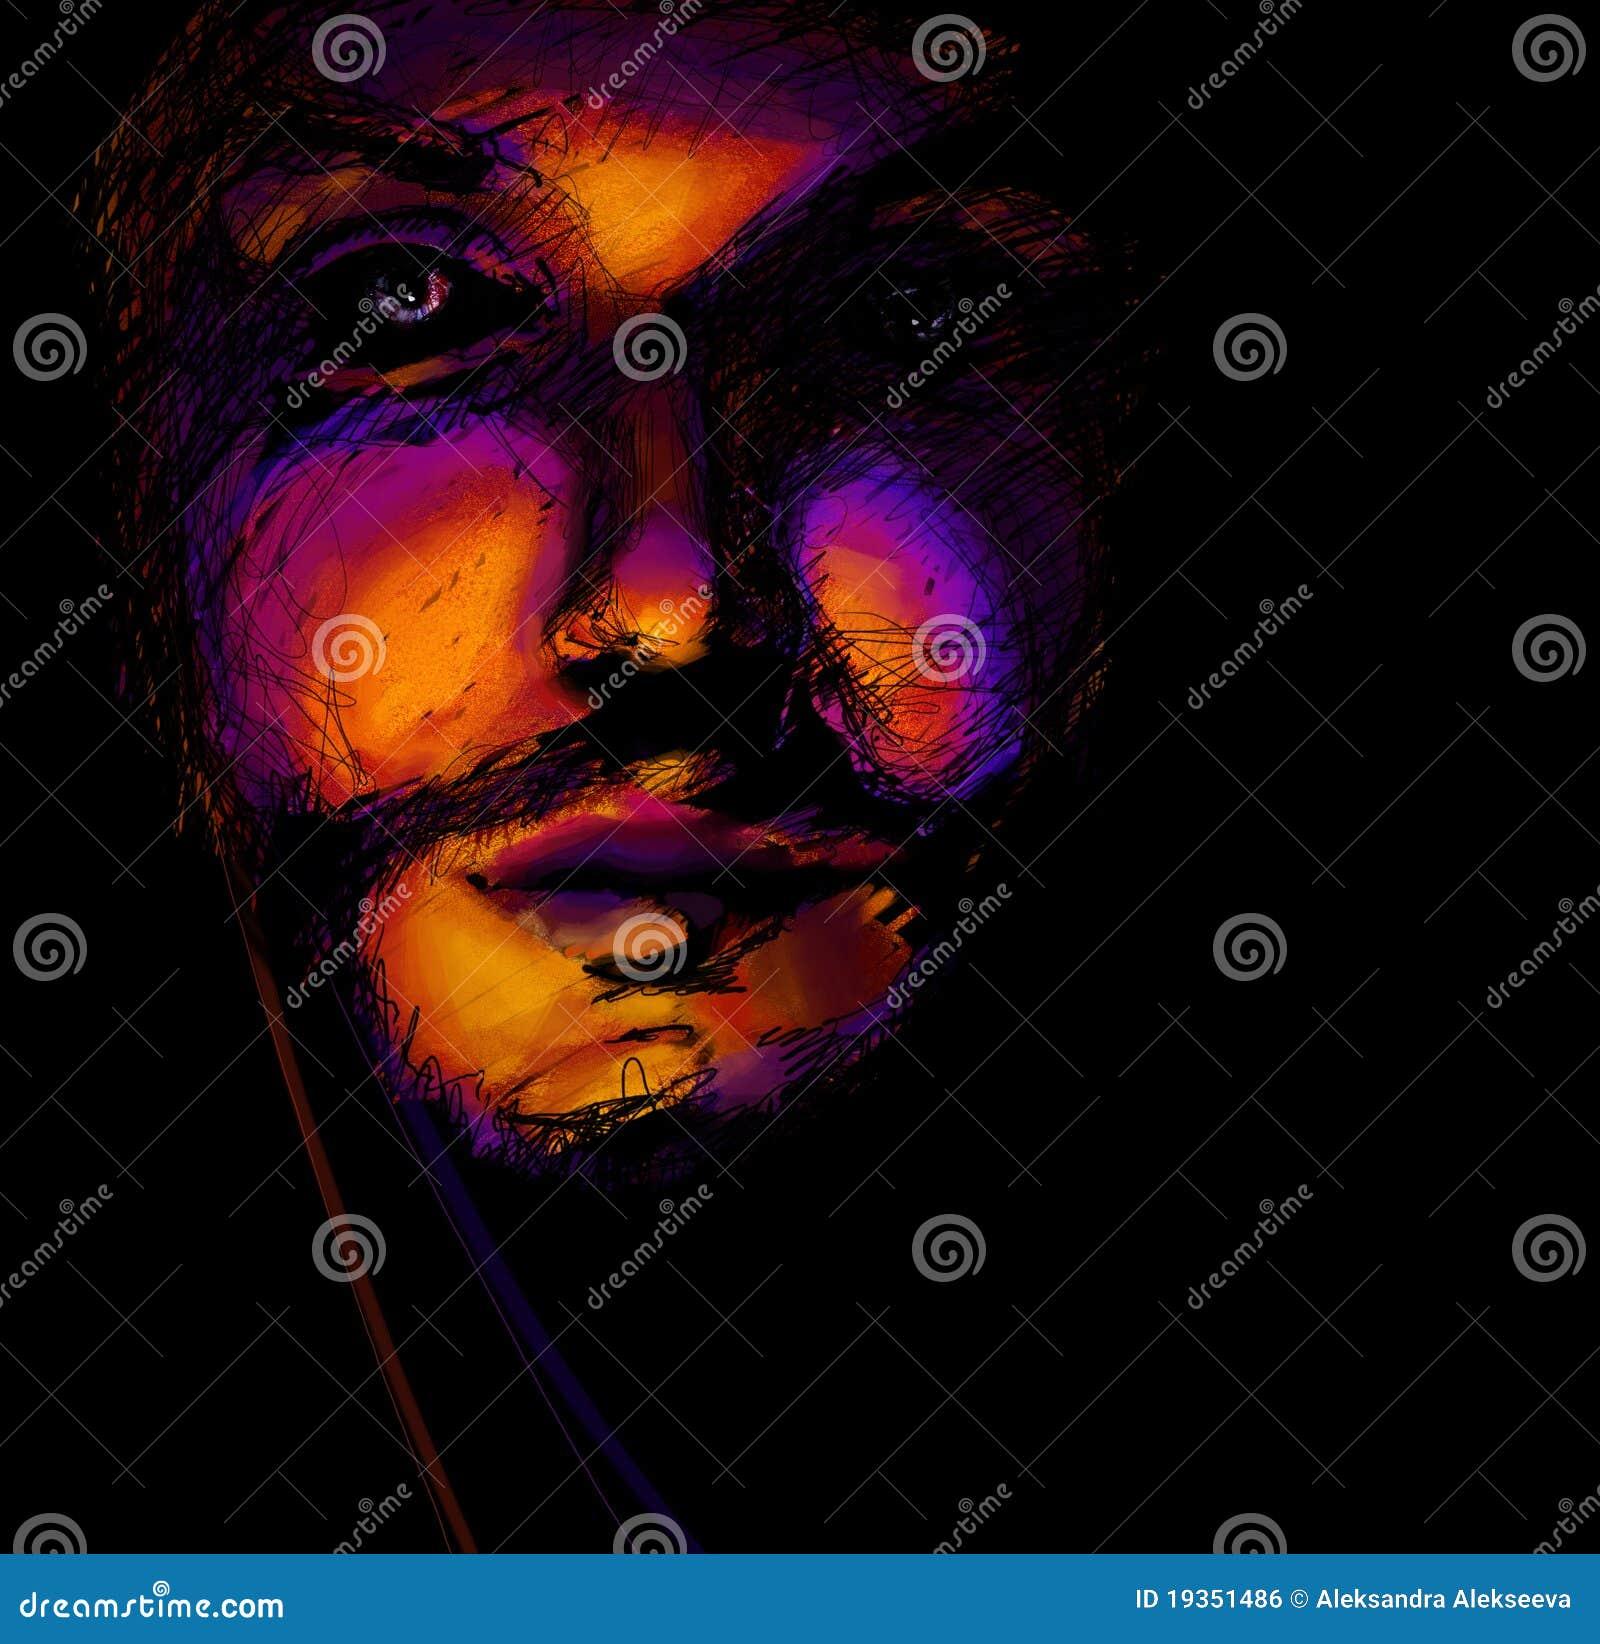 Retrato do homem, pintura digital